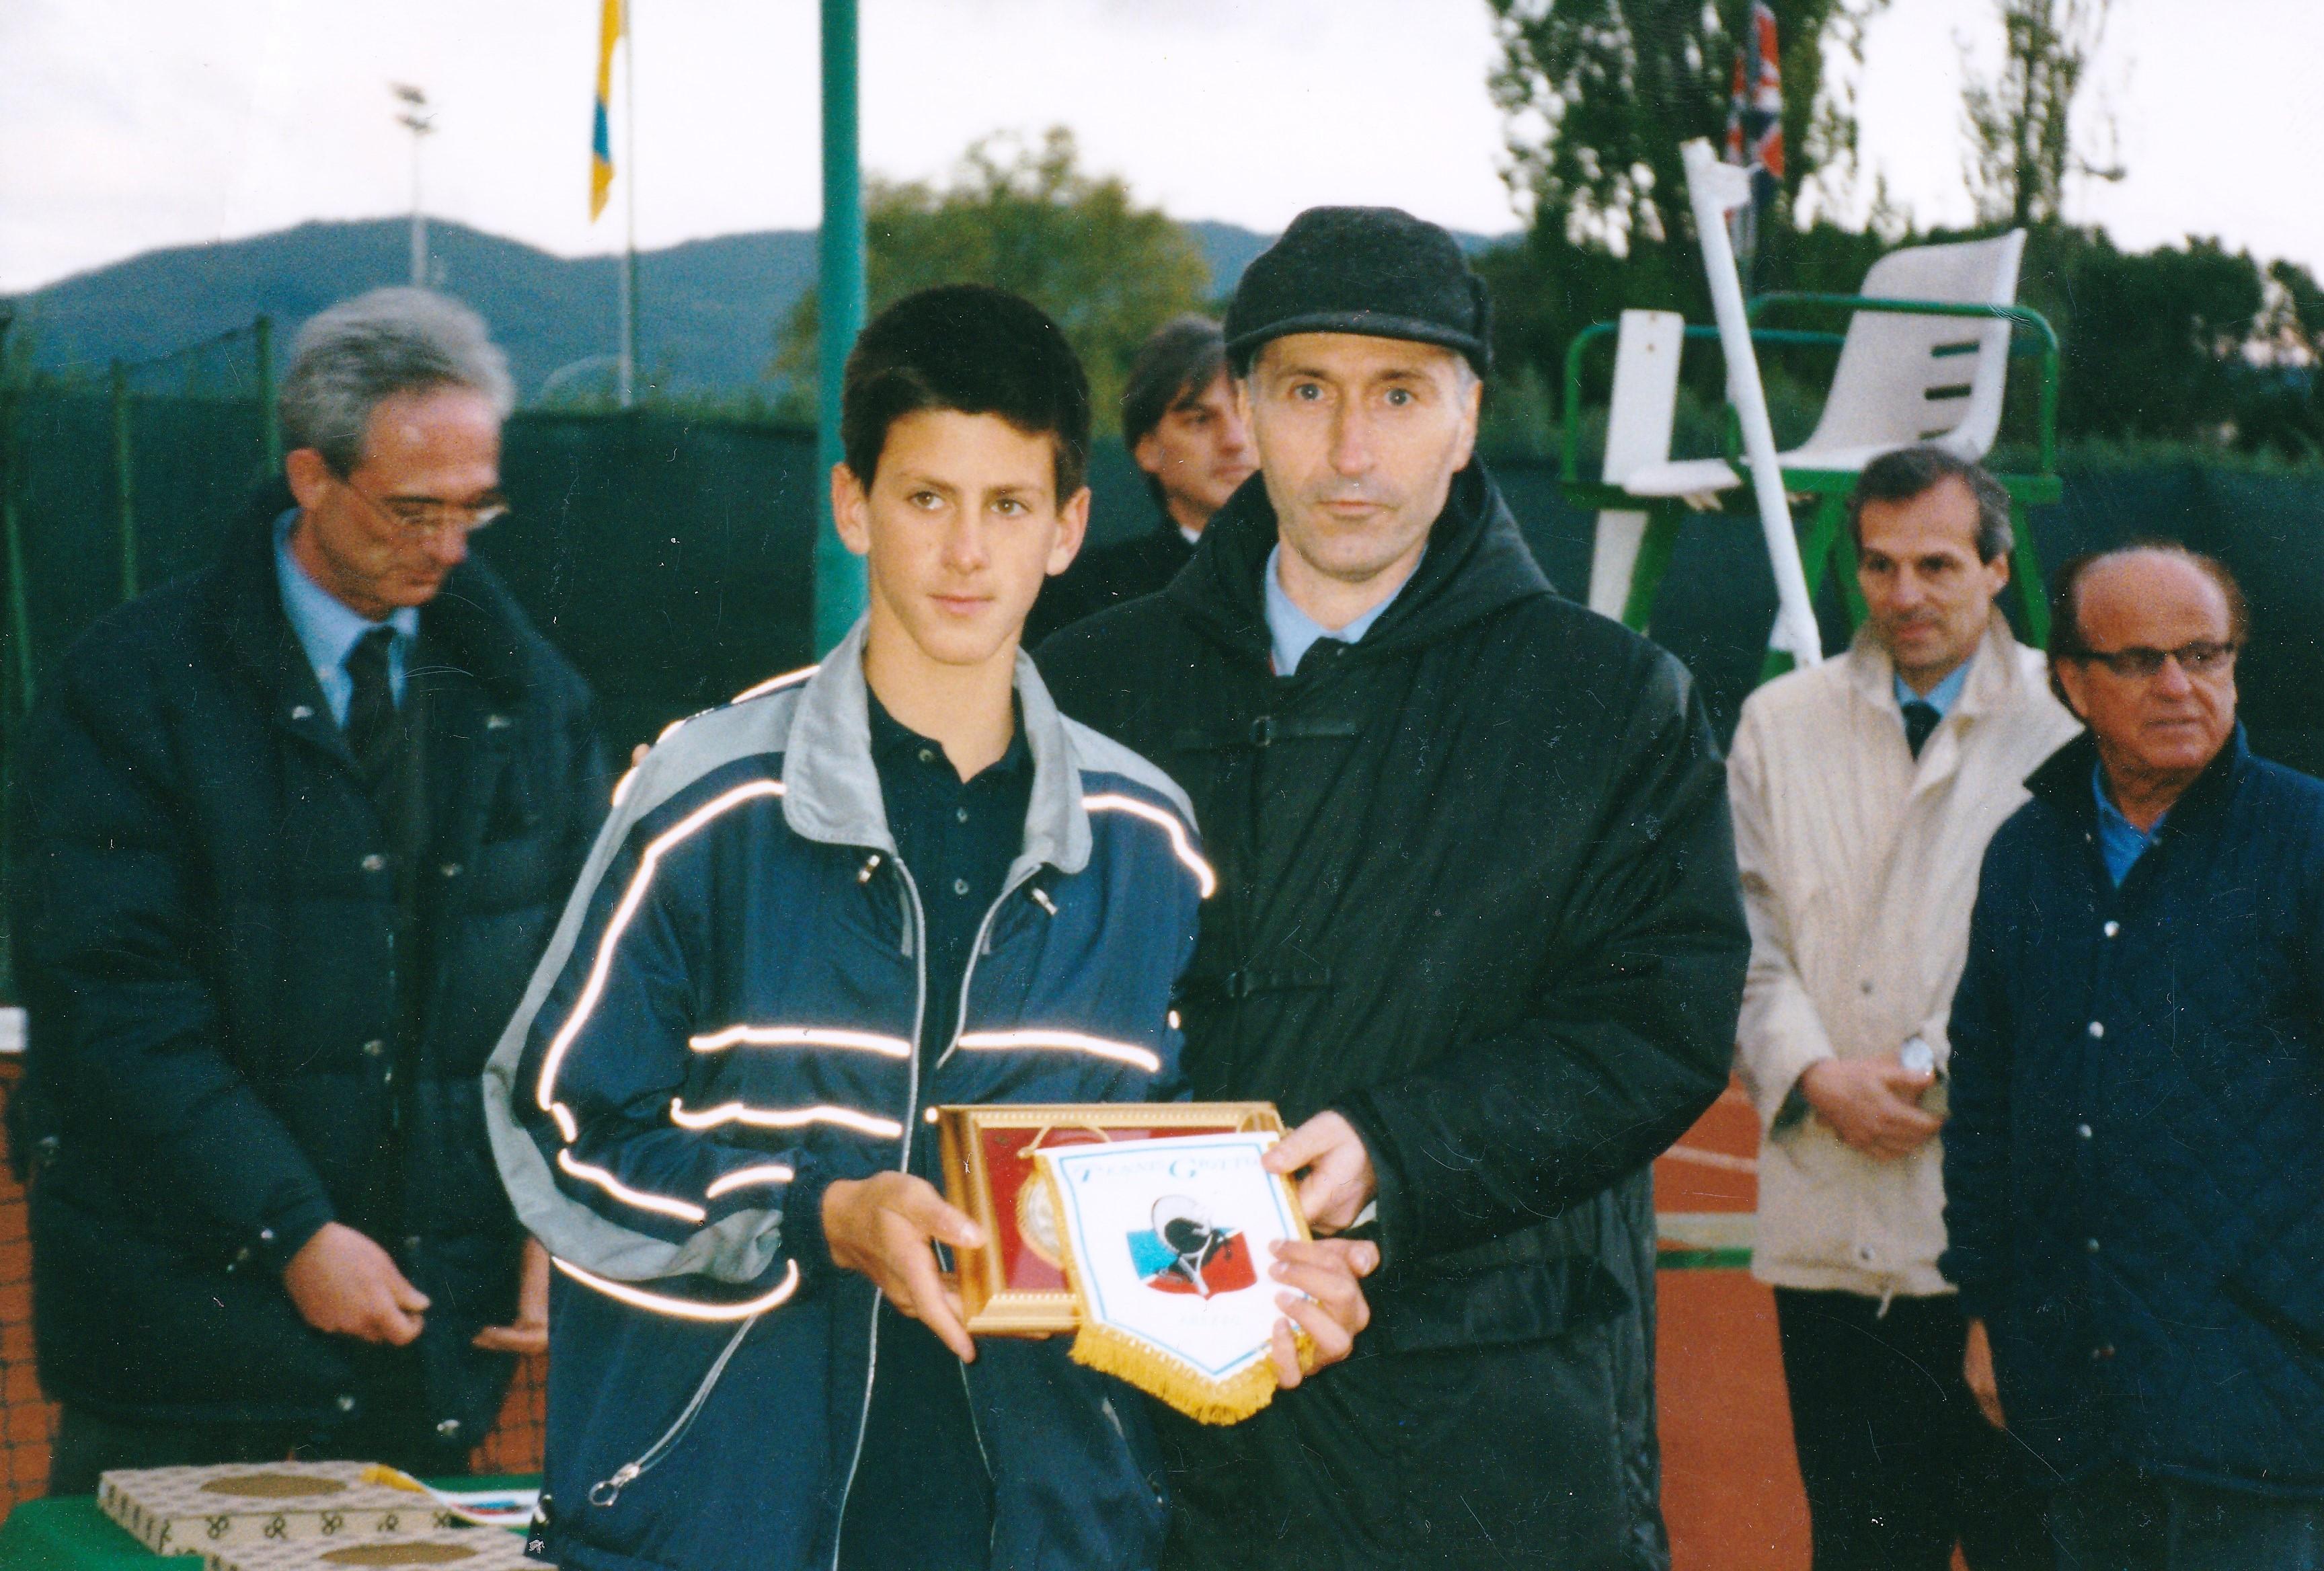 Tennis – Quei ragazzi dell'87 che 16 anni fa erano accomunati da un sogno: diventare campioni